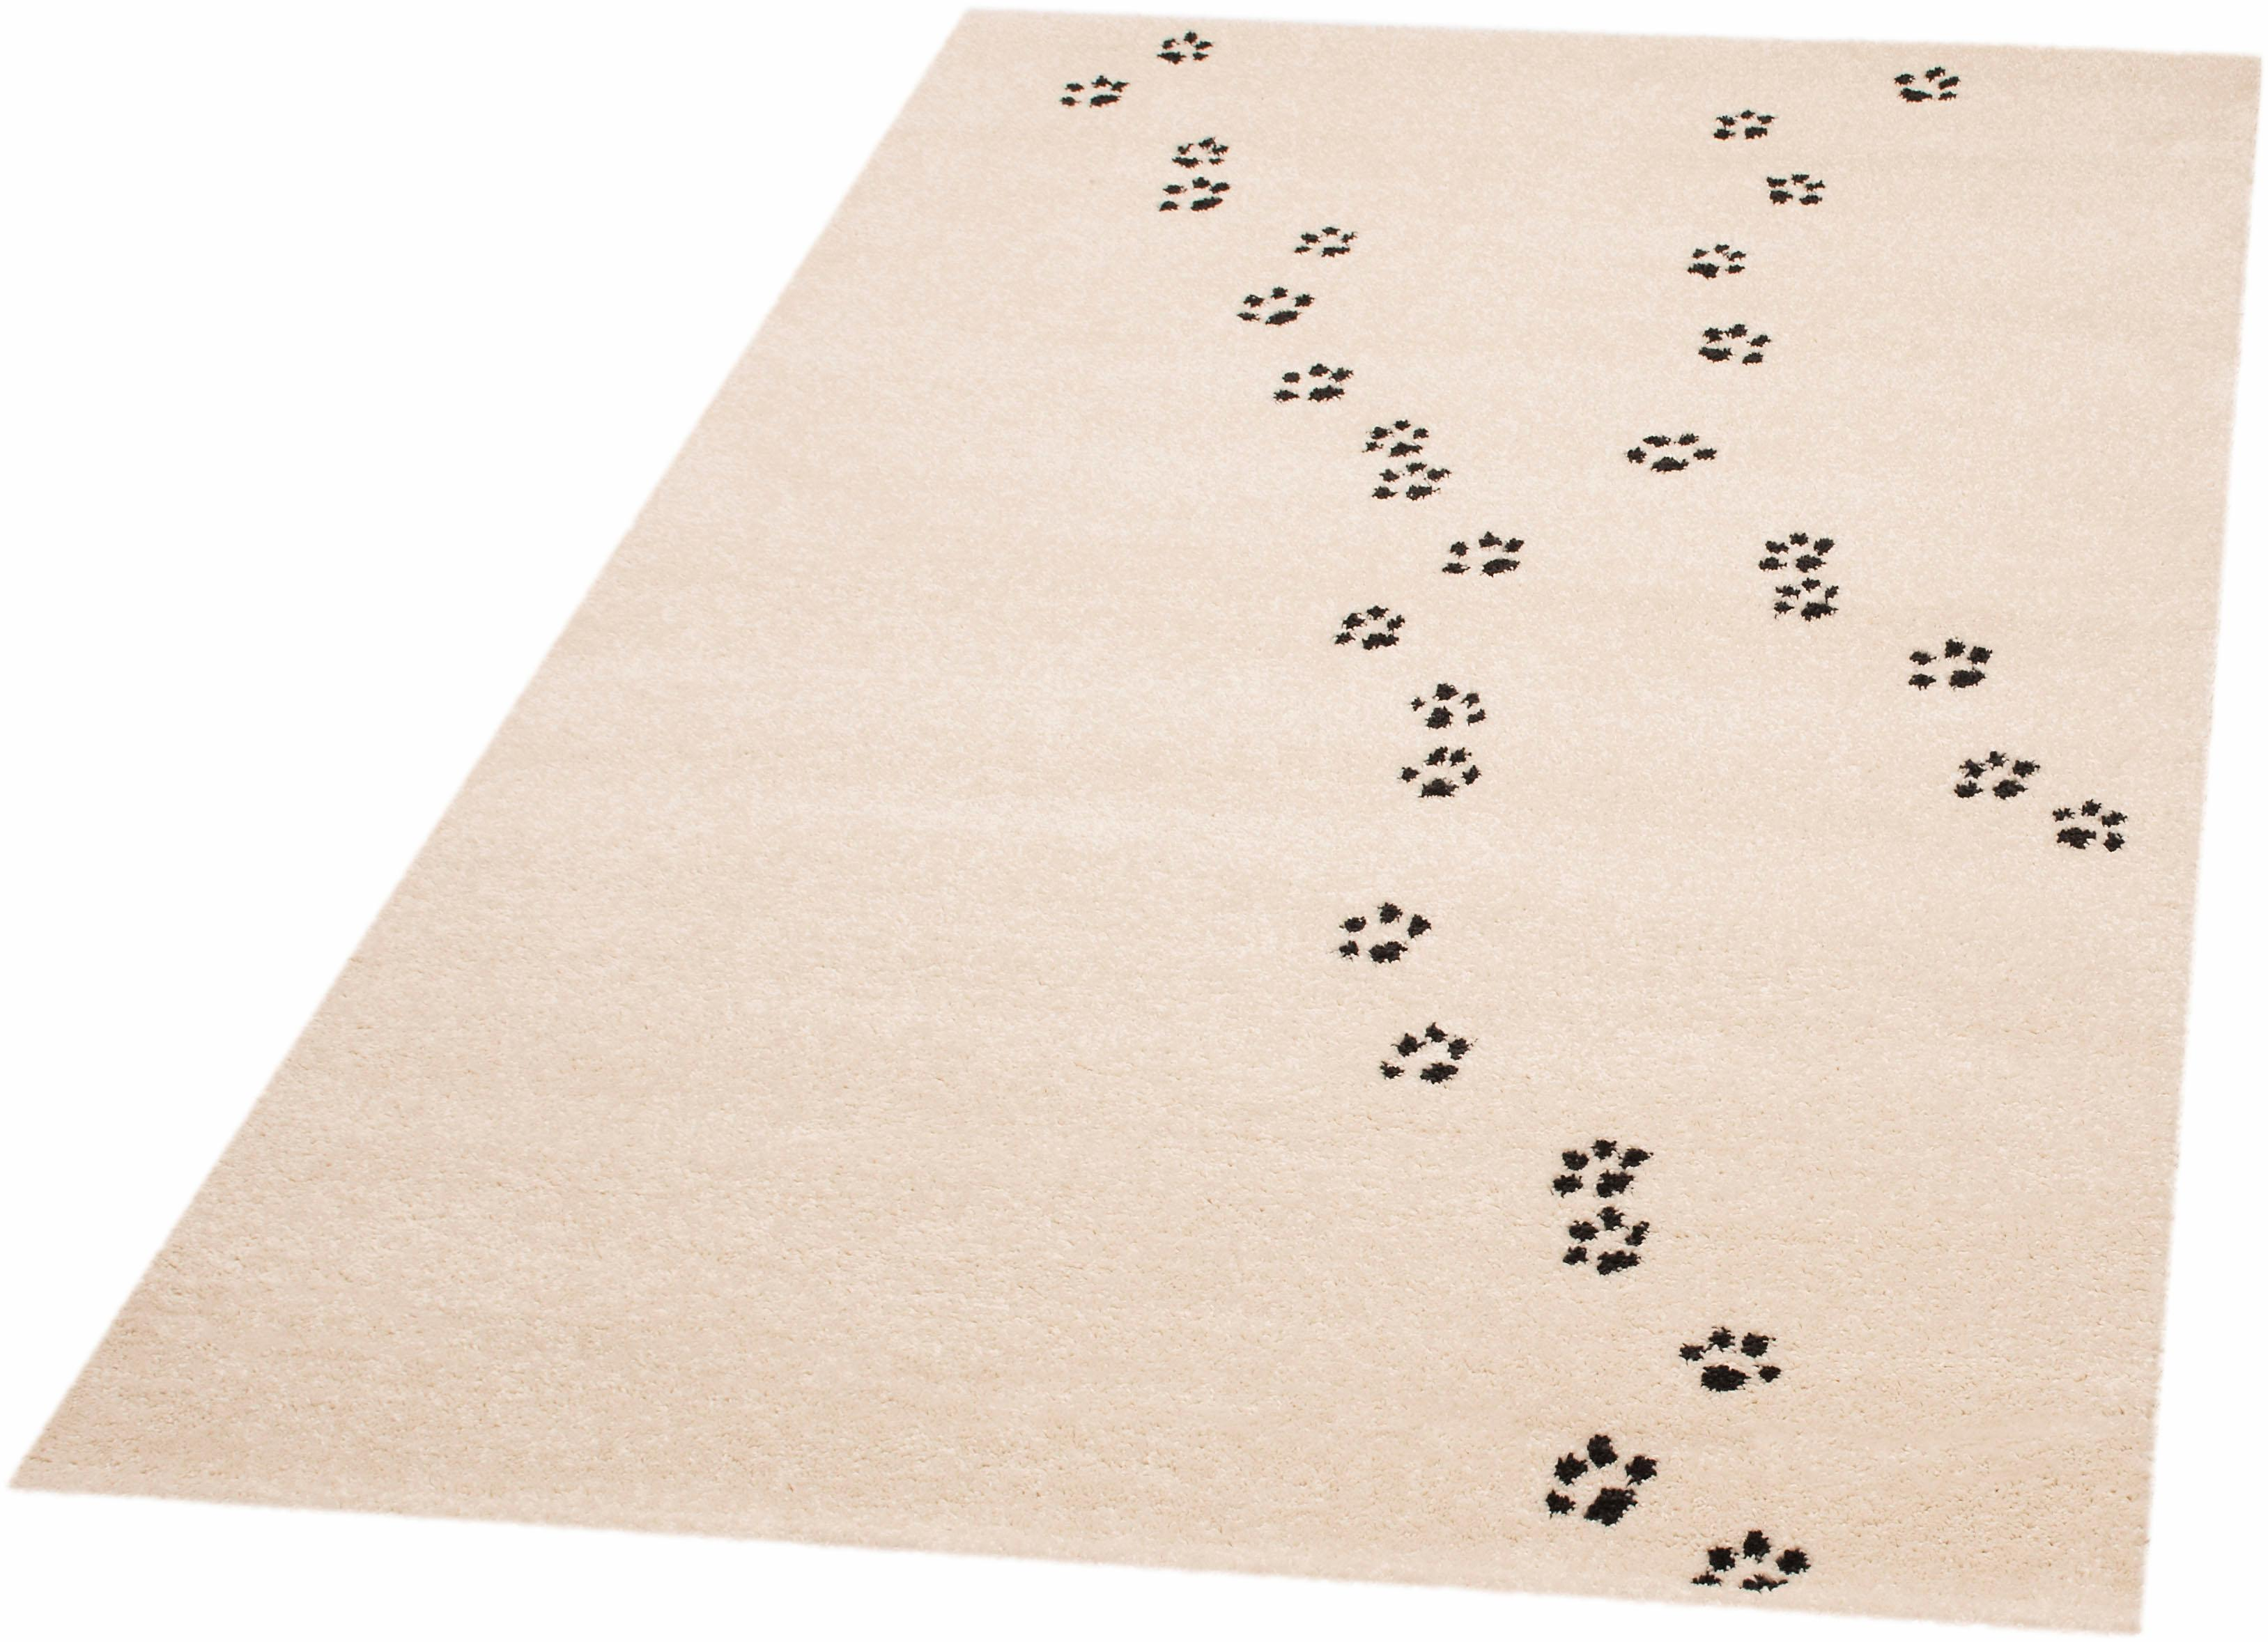 Teppich Paw Prints Ted Zala Living rechteckig Höhe 8 mm maschinell gewebt